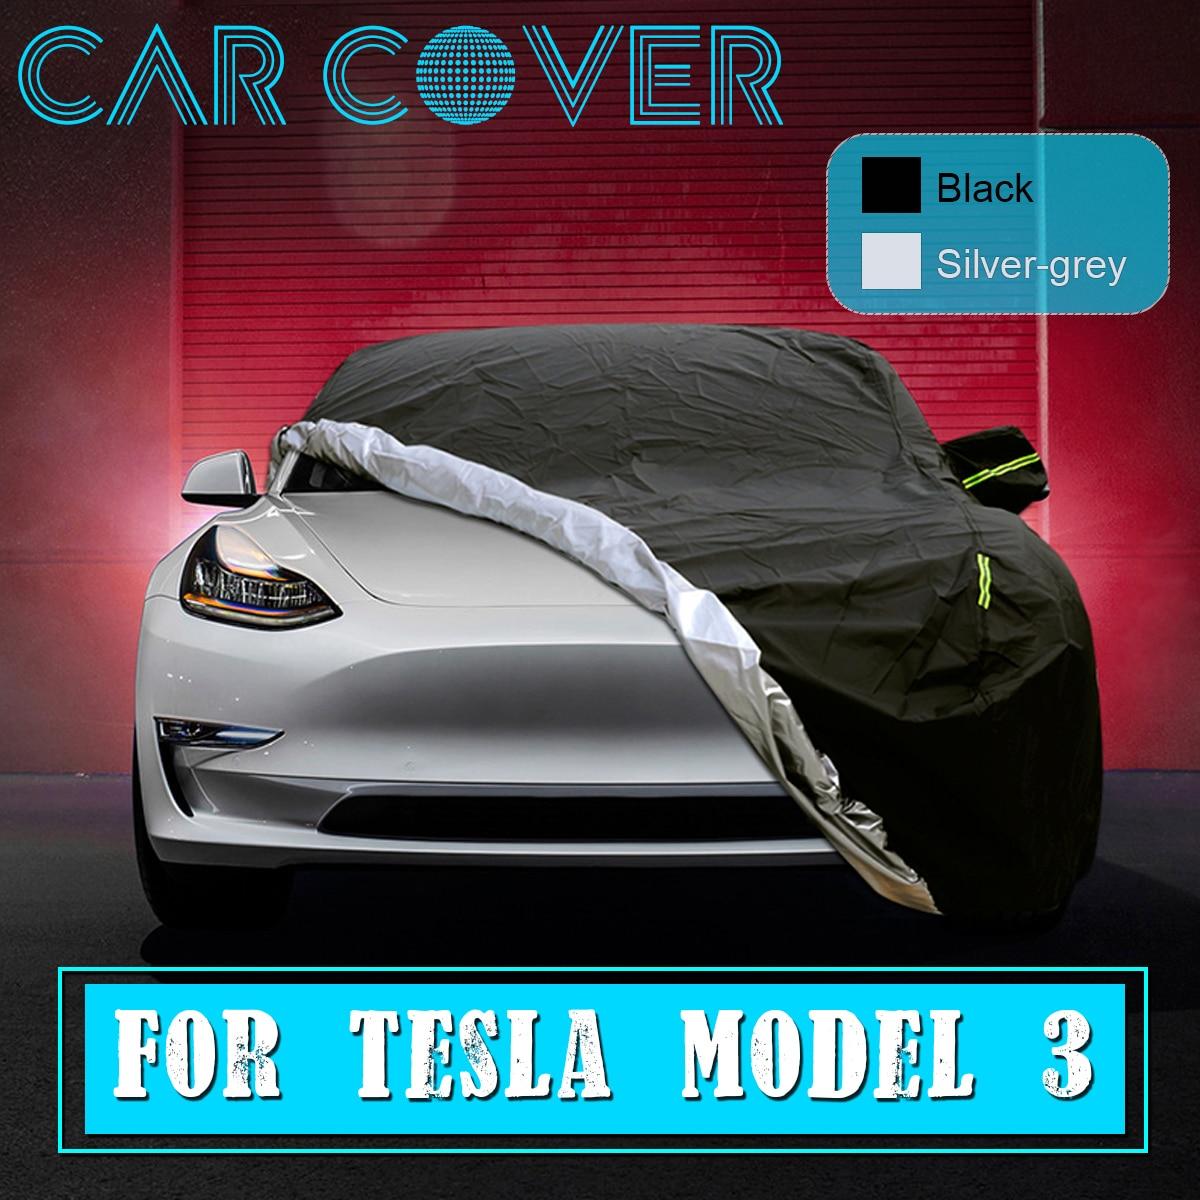 Черный/серебристо серый дышащая водонепроницаемая ткань Оксфорд автомобильный чехол зеркальный карман полная защита автомобиля чехлы для Tesla модель 3|Автомобильные чехлы|   | АлиЭкспресс